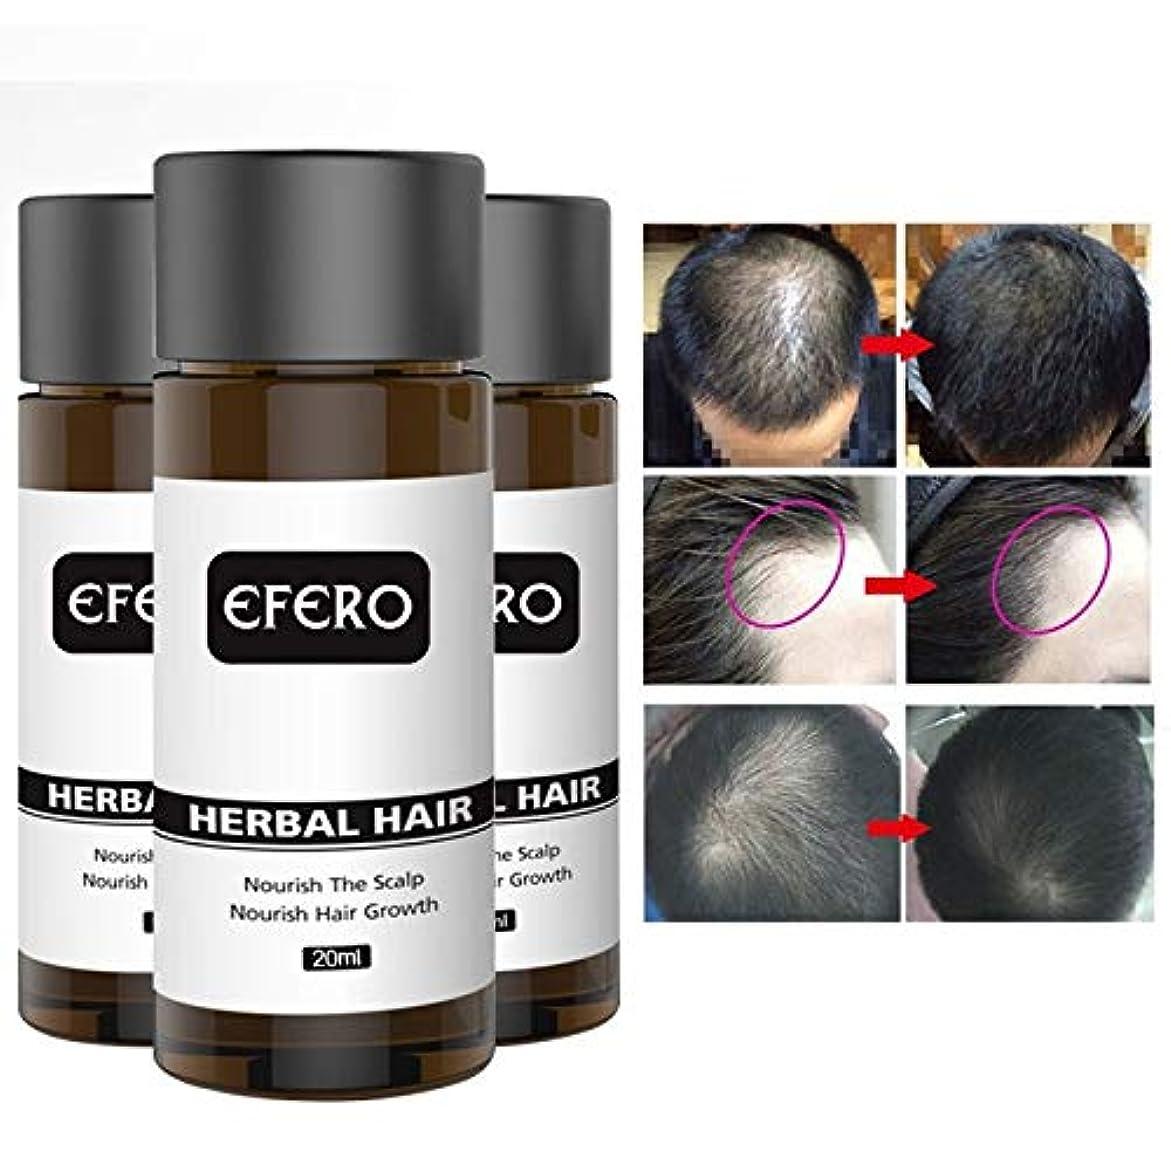 幾分ペルセウス物足りない3 X 20ml Essential Oil Best For Hair Growth Anti Loss Prevent Baldness Maintenance and Repair 毛の成長の反損失のための最もよい3 x 20mlの精油は禿頭症の維持および修理を防ぎます